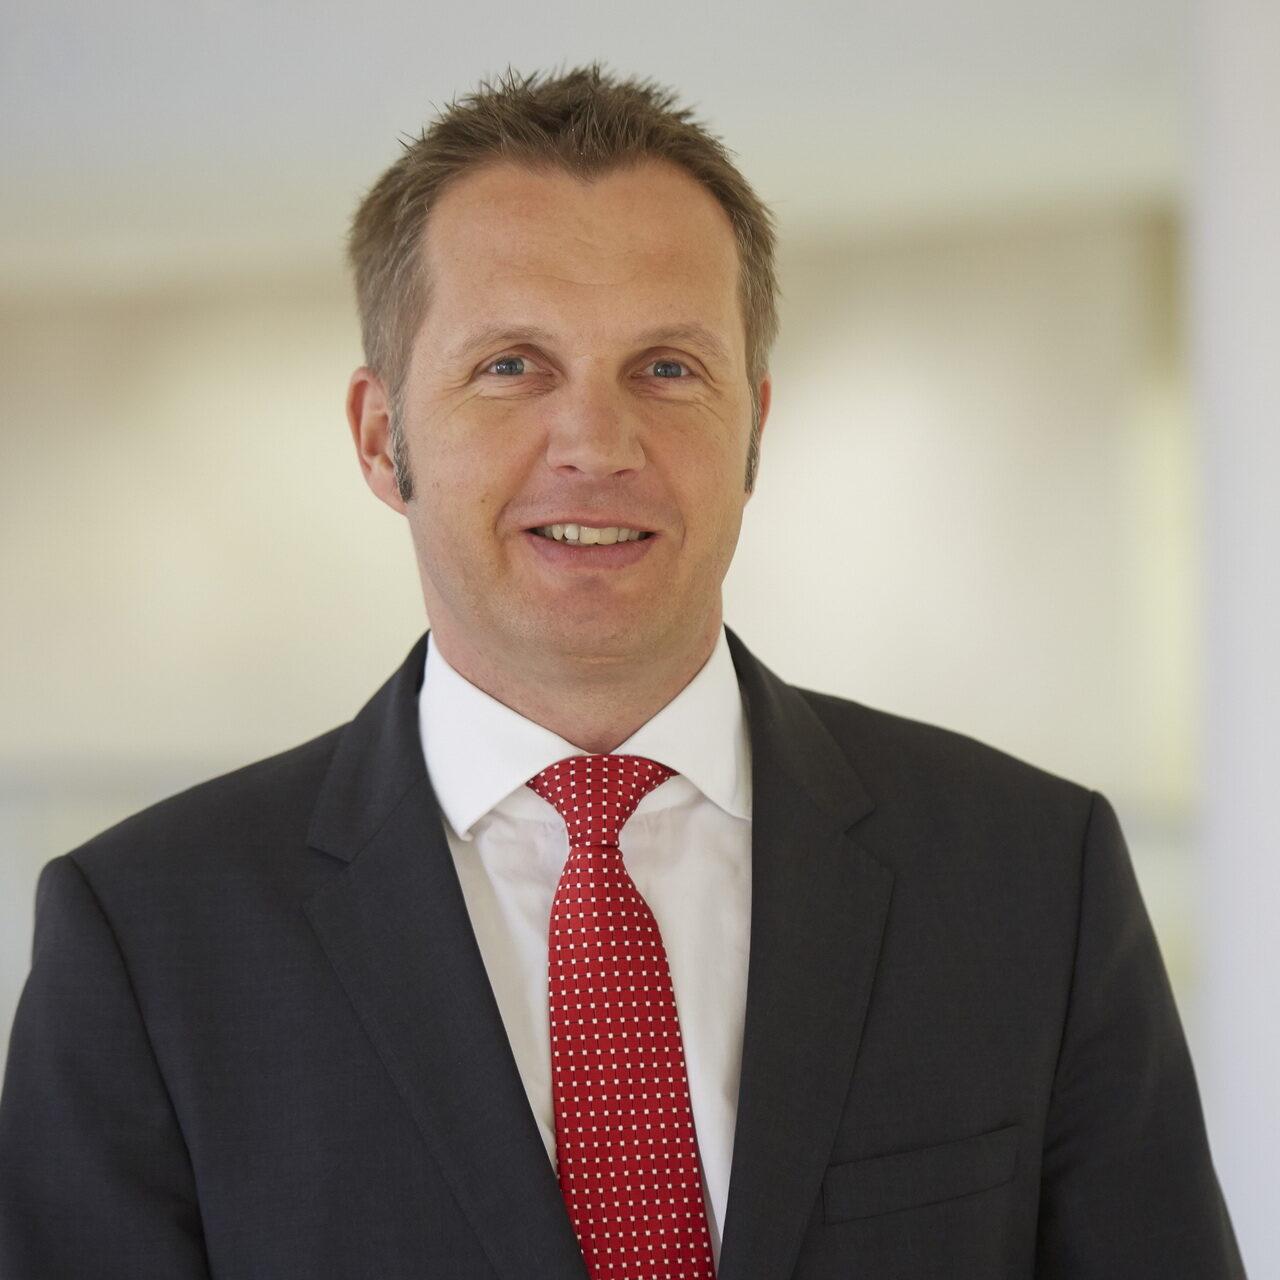 UBS AM lanciert den ersten nachhaltigen UCITS-ETF für globale Small-Caps